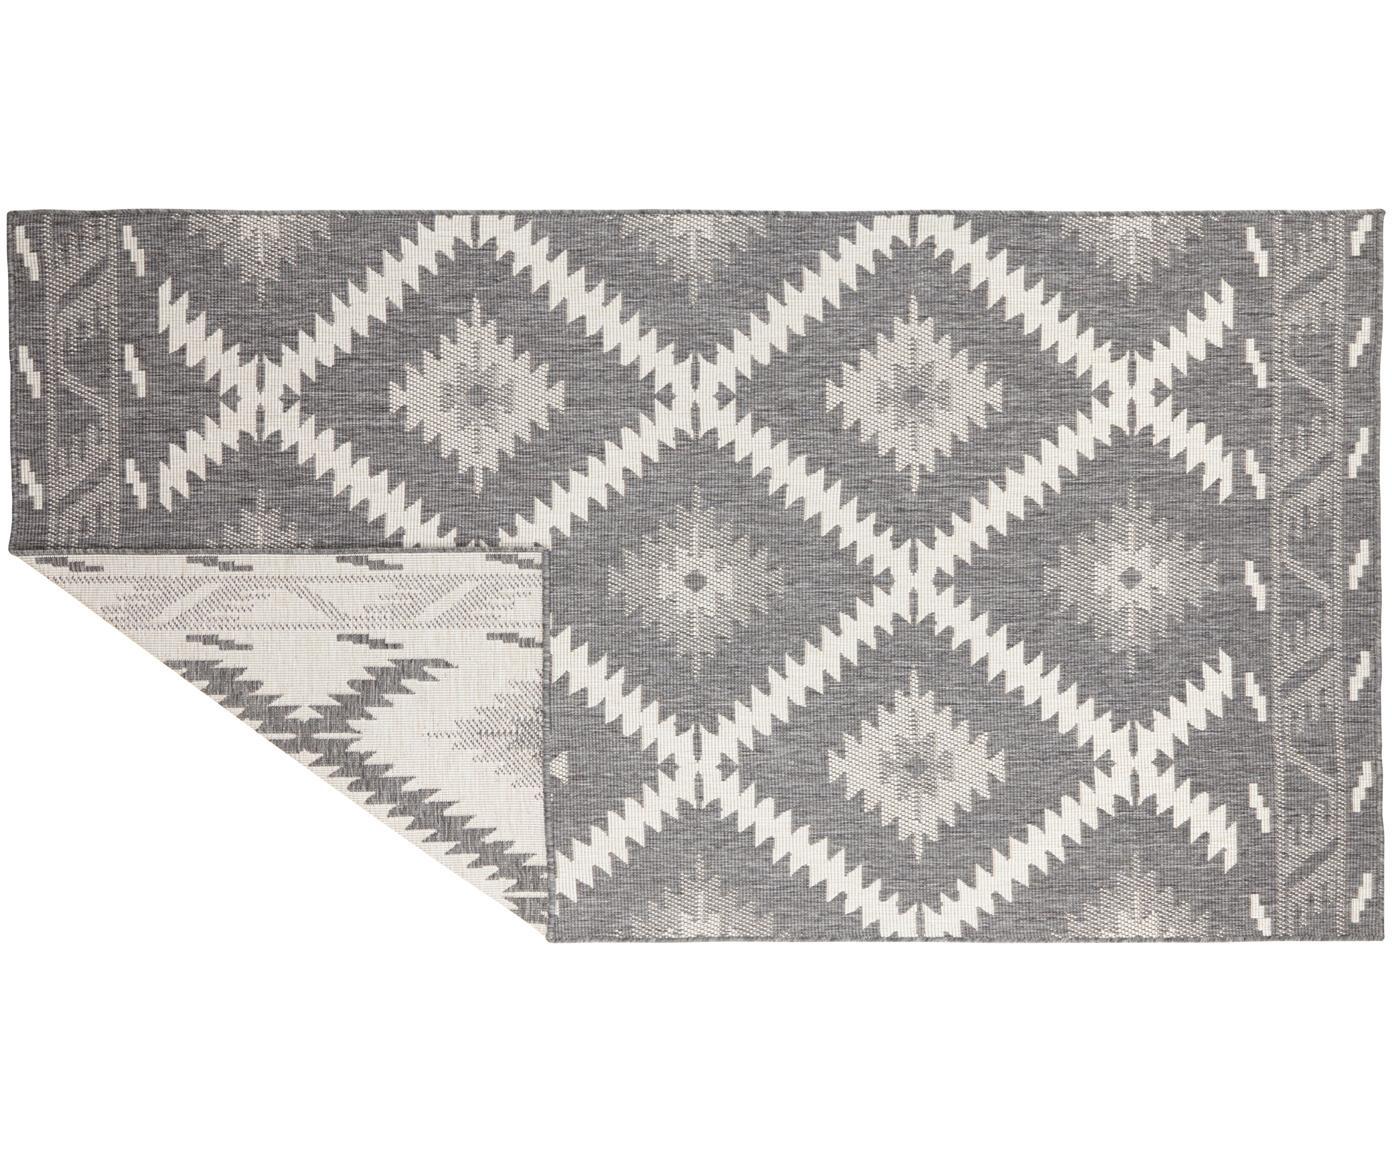 Dubbelzijdig in- en outdoor vloerkleed Malibu in grijs/crèmekleur, Grijs, crèmekleurig, B 80 x L 150 cm (maat XS)